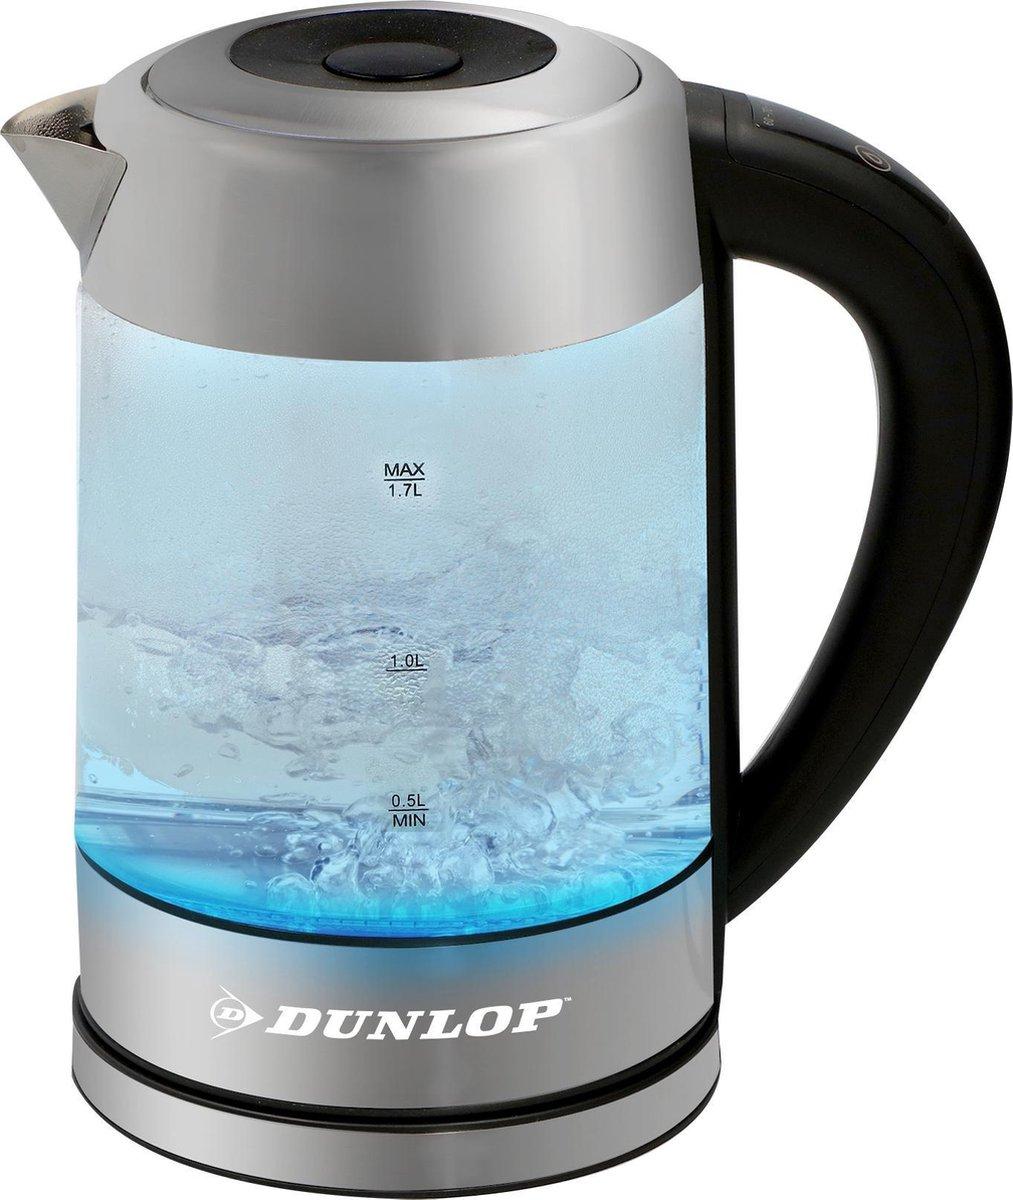 DUNLOP waterkoker met temperatuurregeling met LED kleuren 1,7l